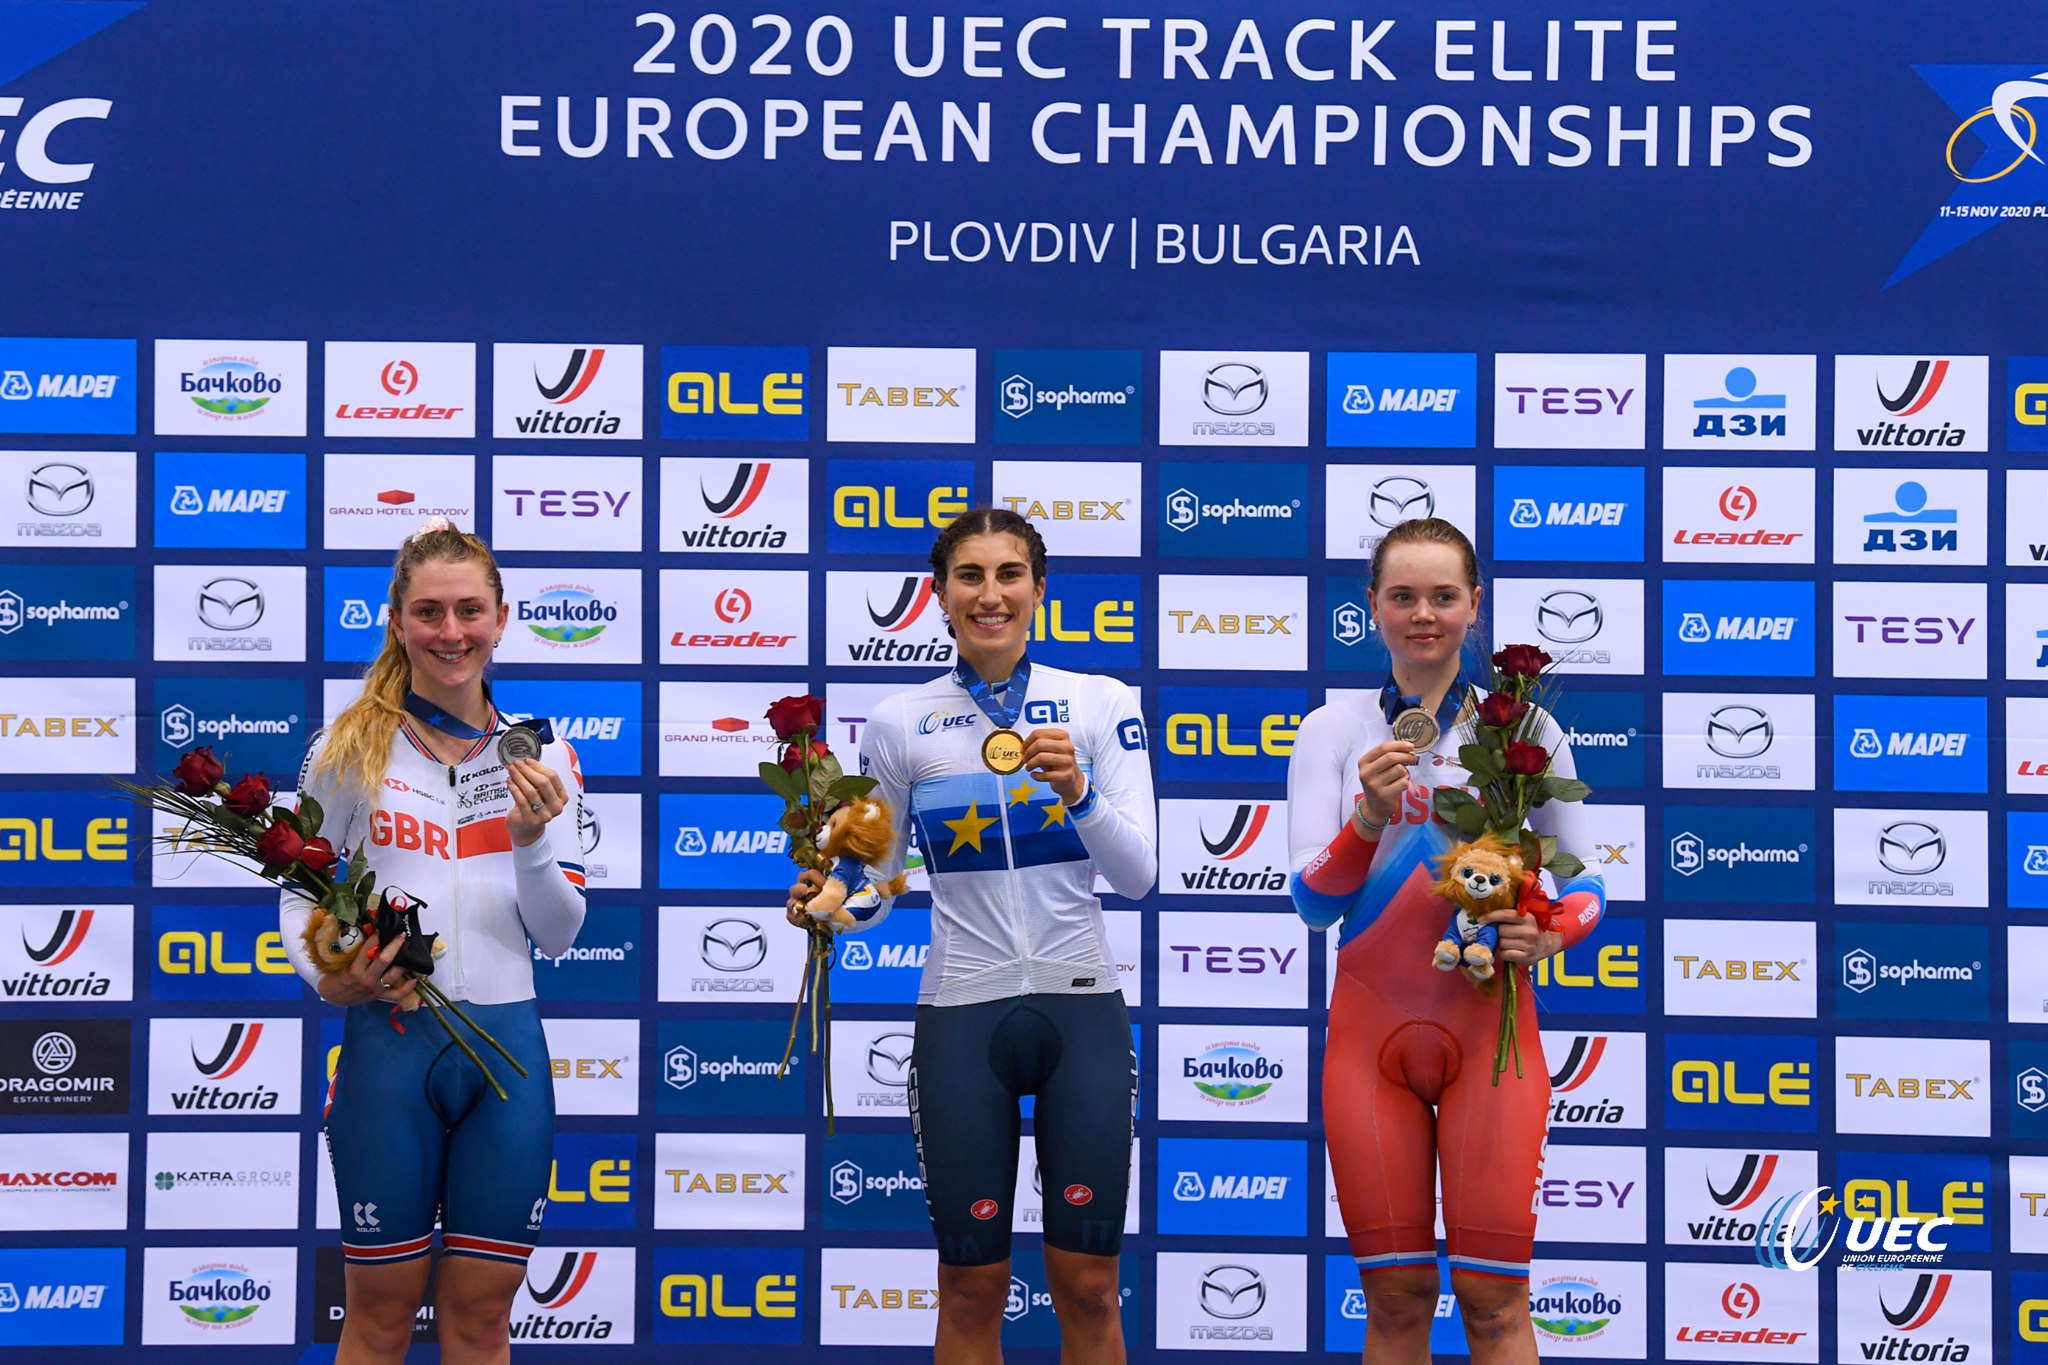 Il podio del Campionato Europeo Omnium Donne Elite a Plovdiv (foto UEC/ BettiniPhoto)